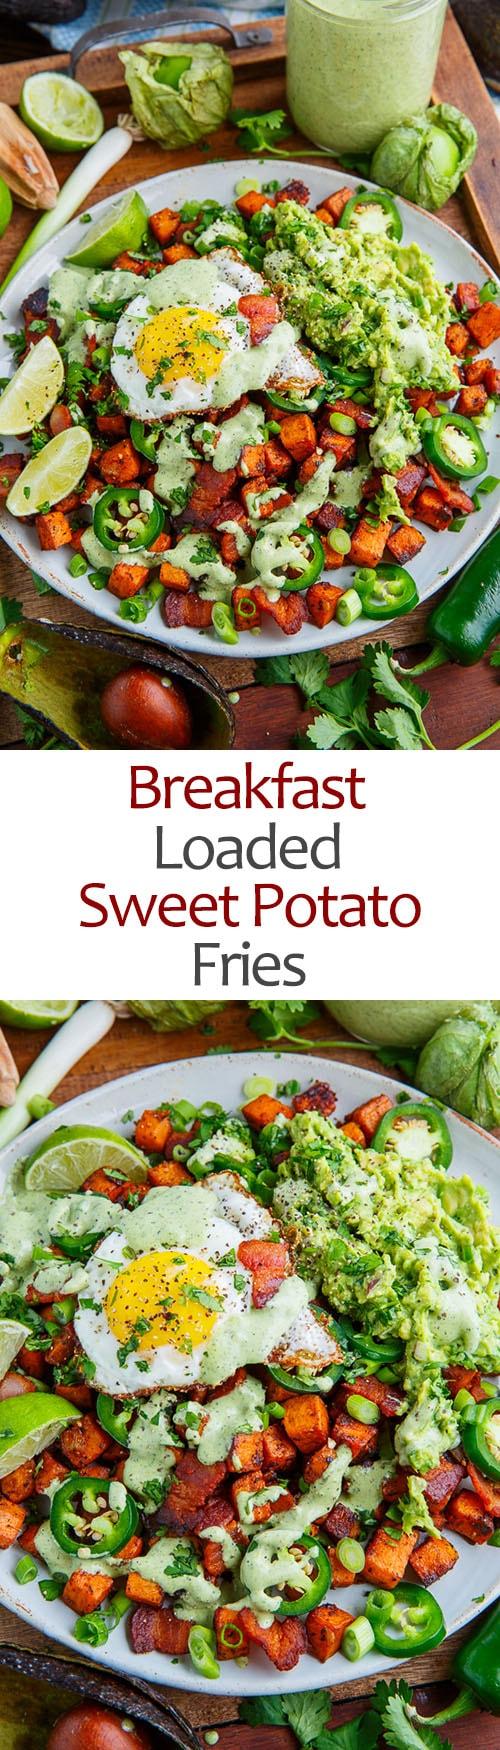 Breakfast Loaded Sweet Potato Fries